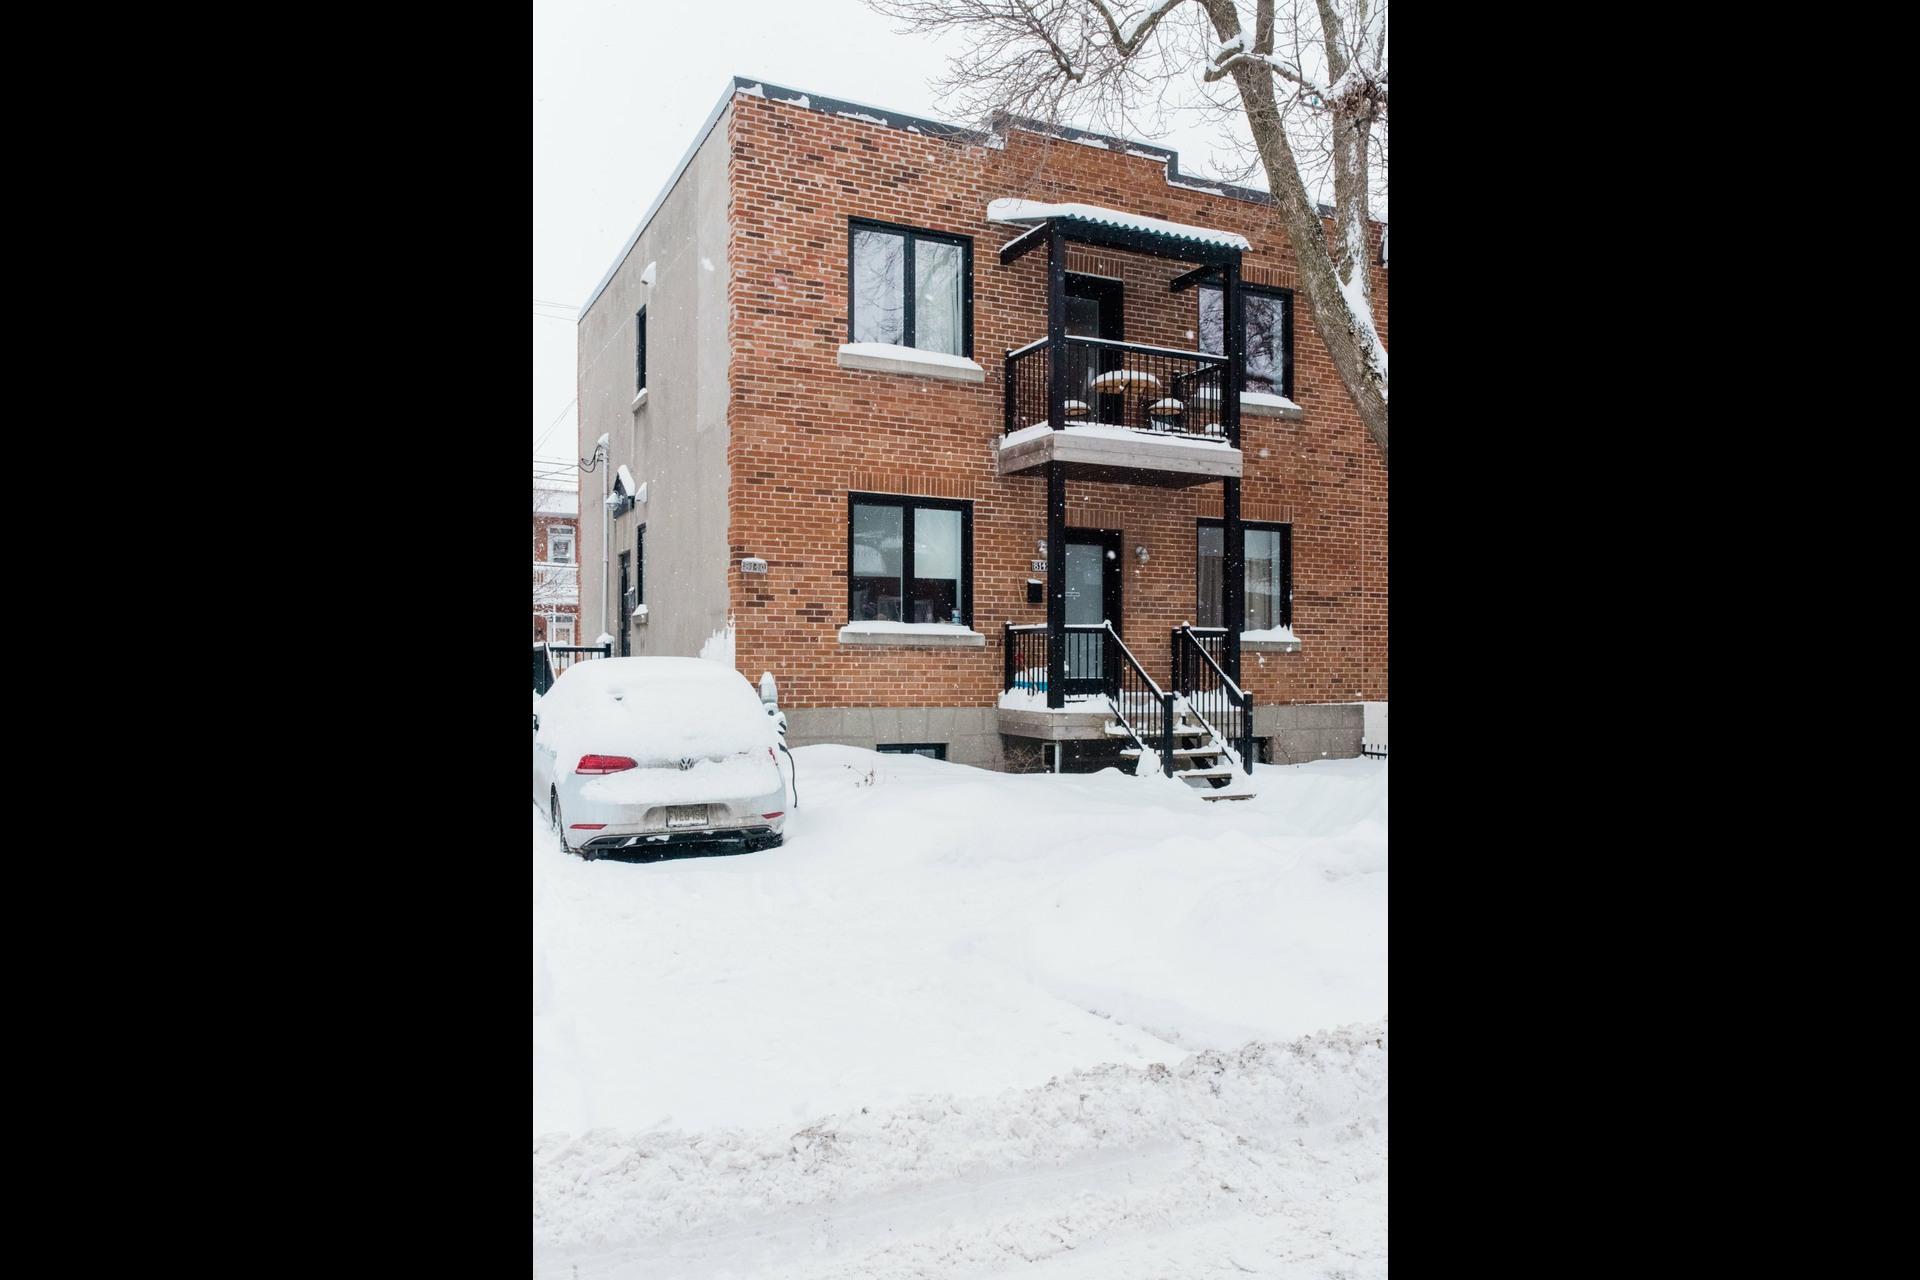 image 18 - Duplex À vendre Villeray/Saint-Michel/Parc-Extension Montréal  - 4 pièces